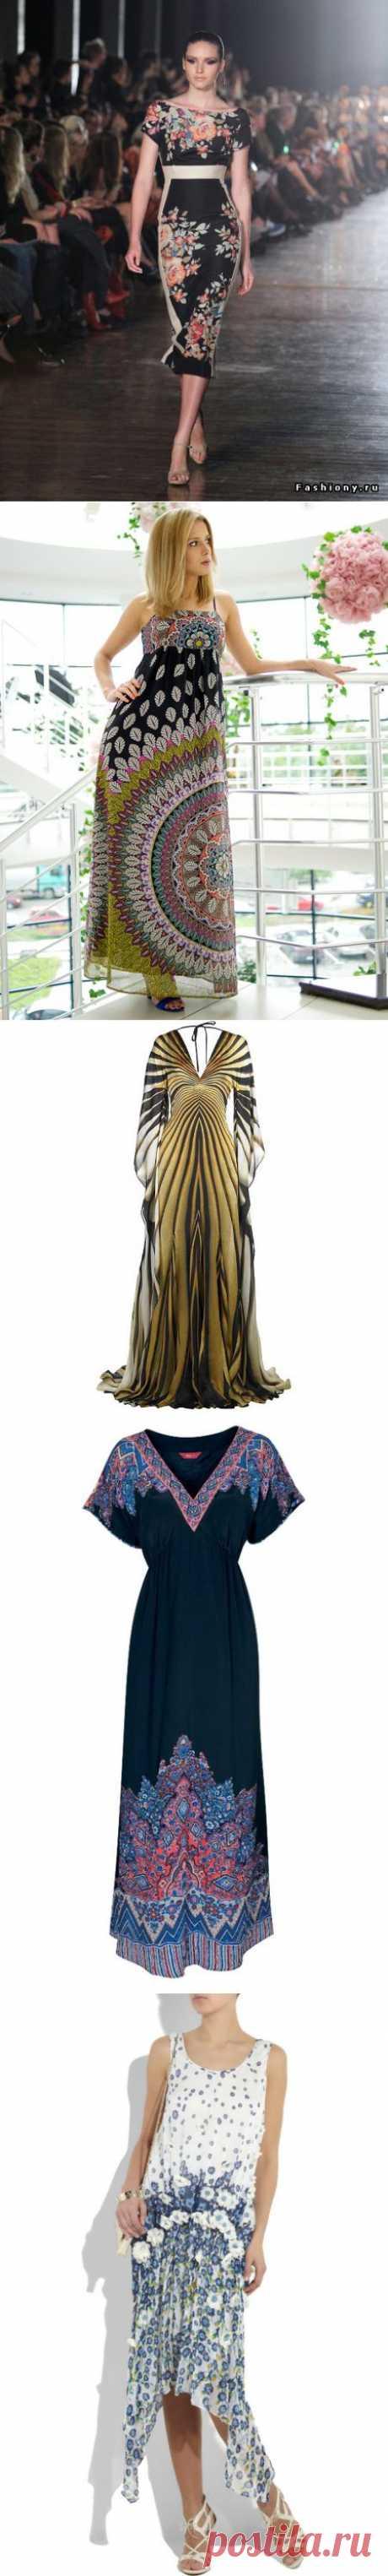 Платья из купонной ткани или из платков.